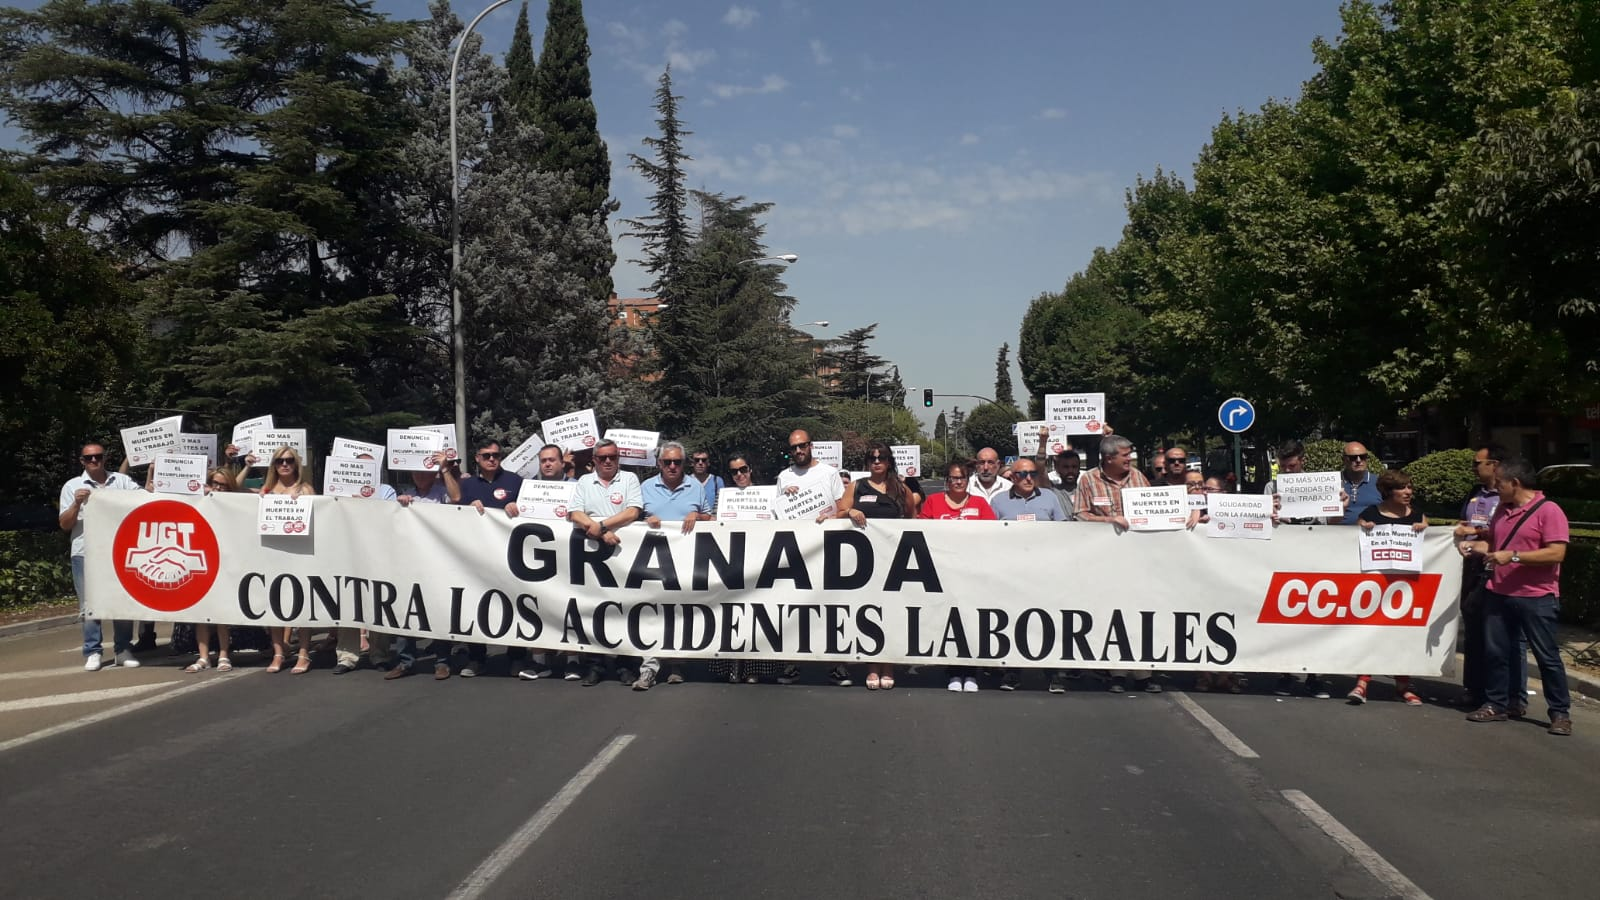 Los sindicatos califican de accidente laboral la muerte de una trabajadora en un accidente cuando volvía a casa